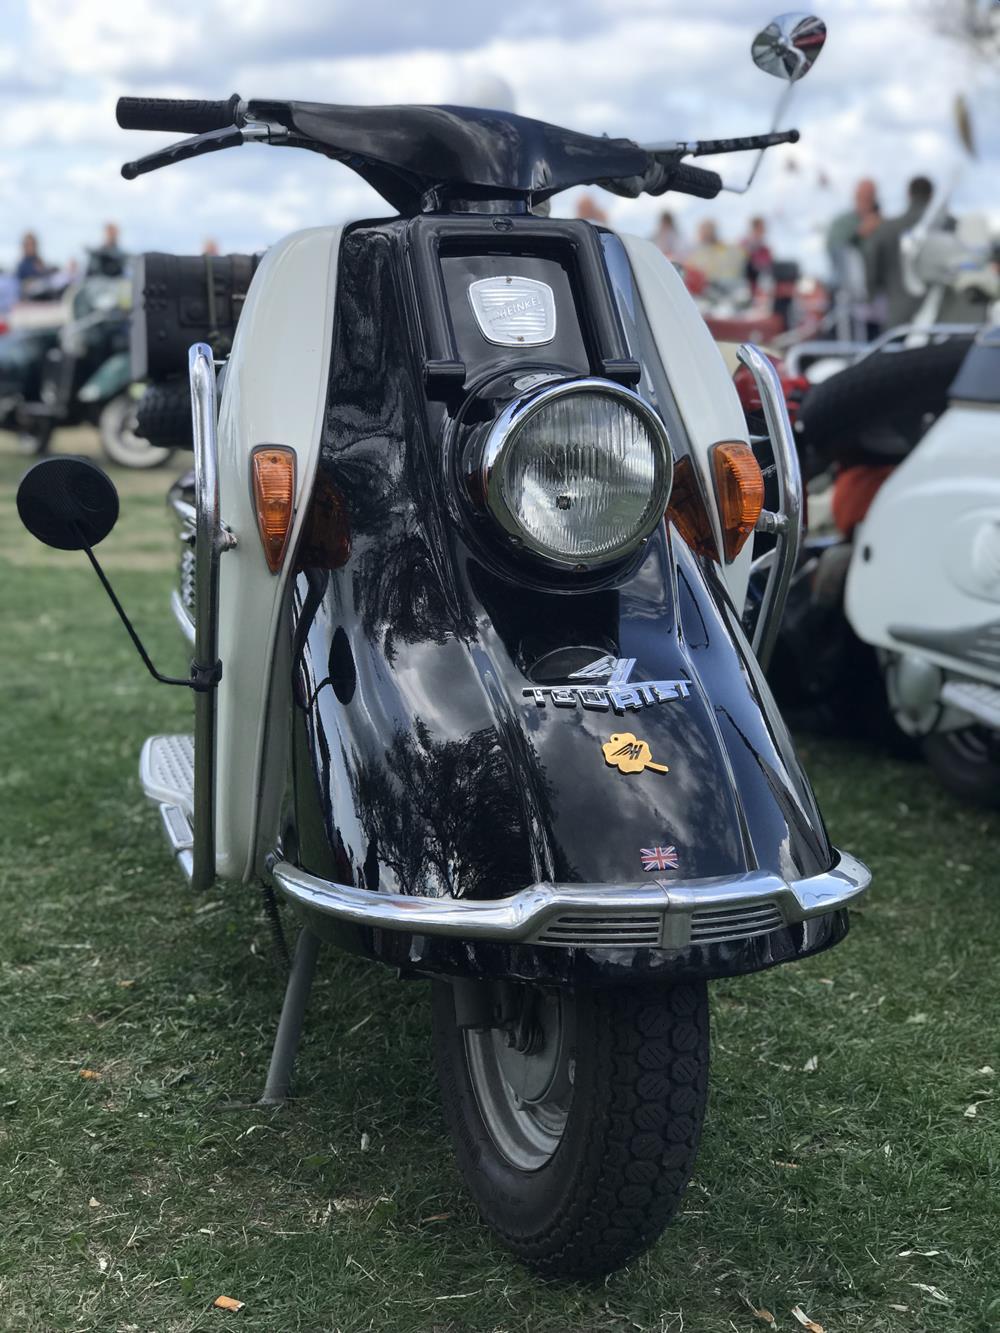 Vintage Heinkel Tourist scooter